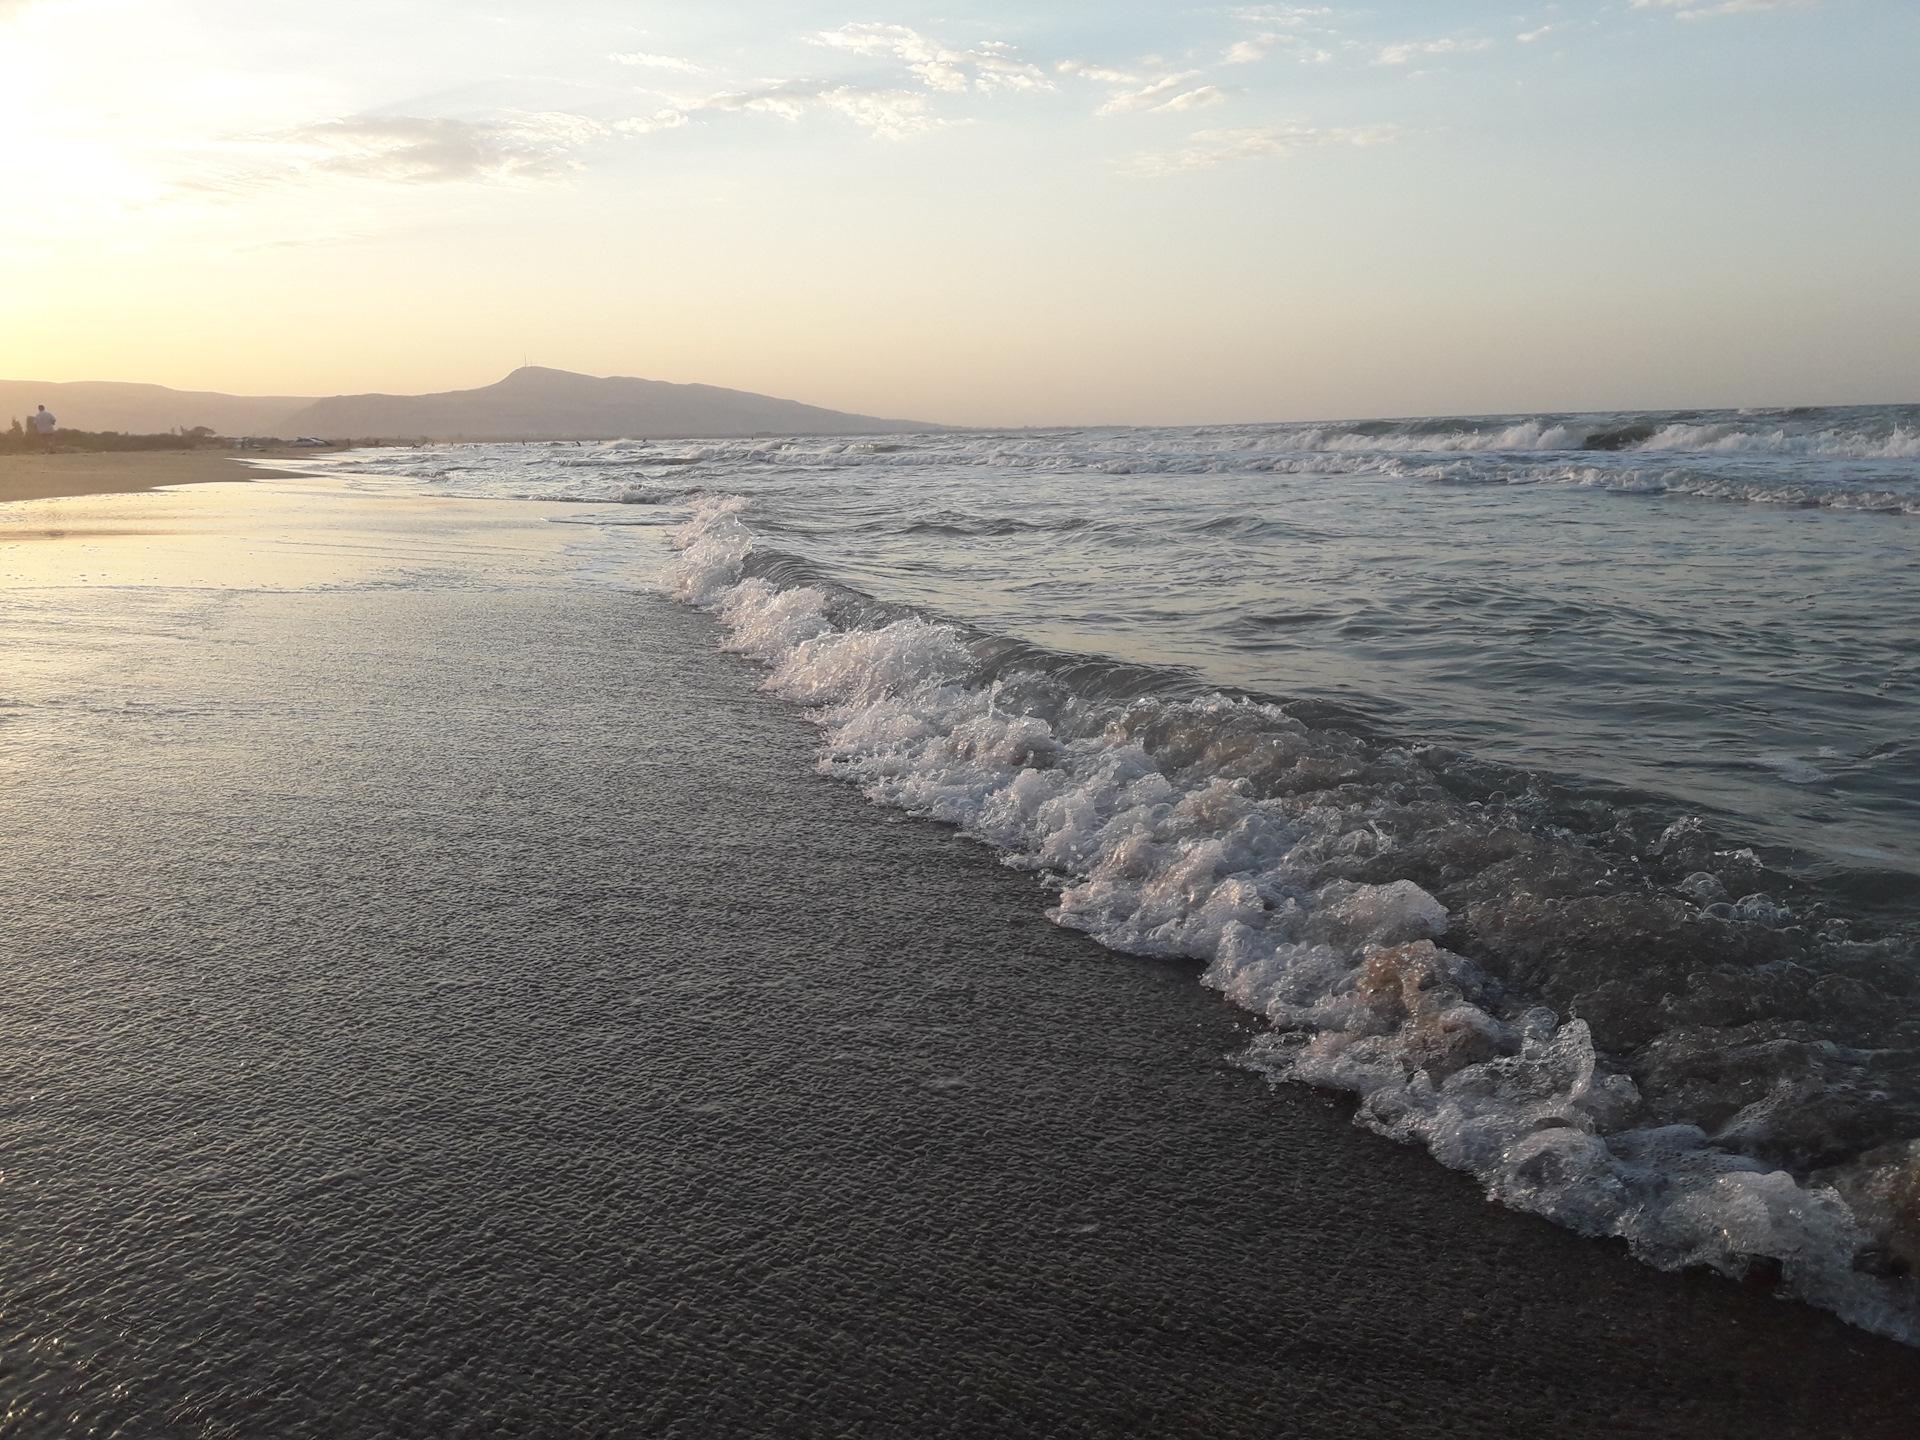 картинки каспийского моря в дербенте обратить внимание